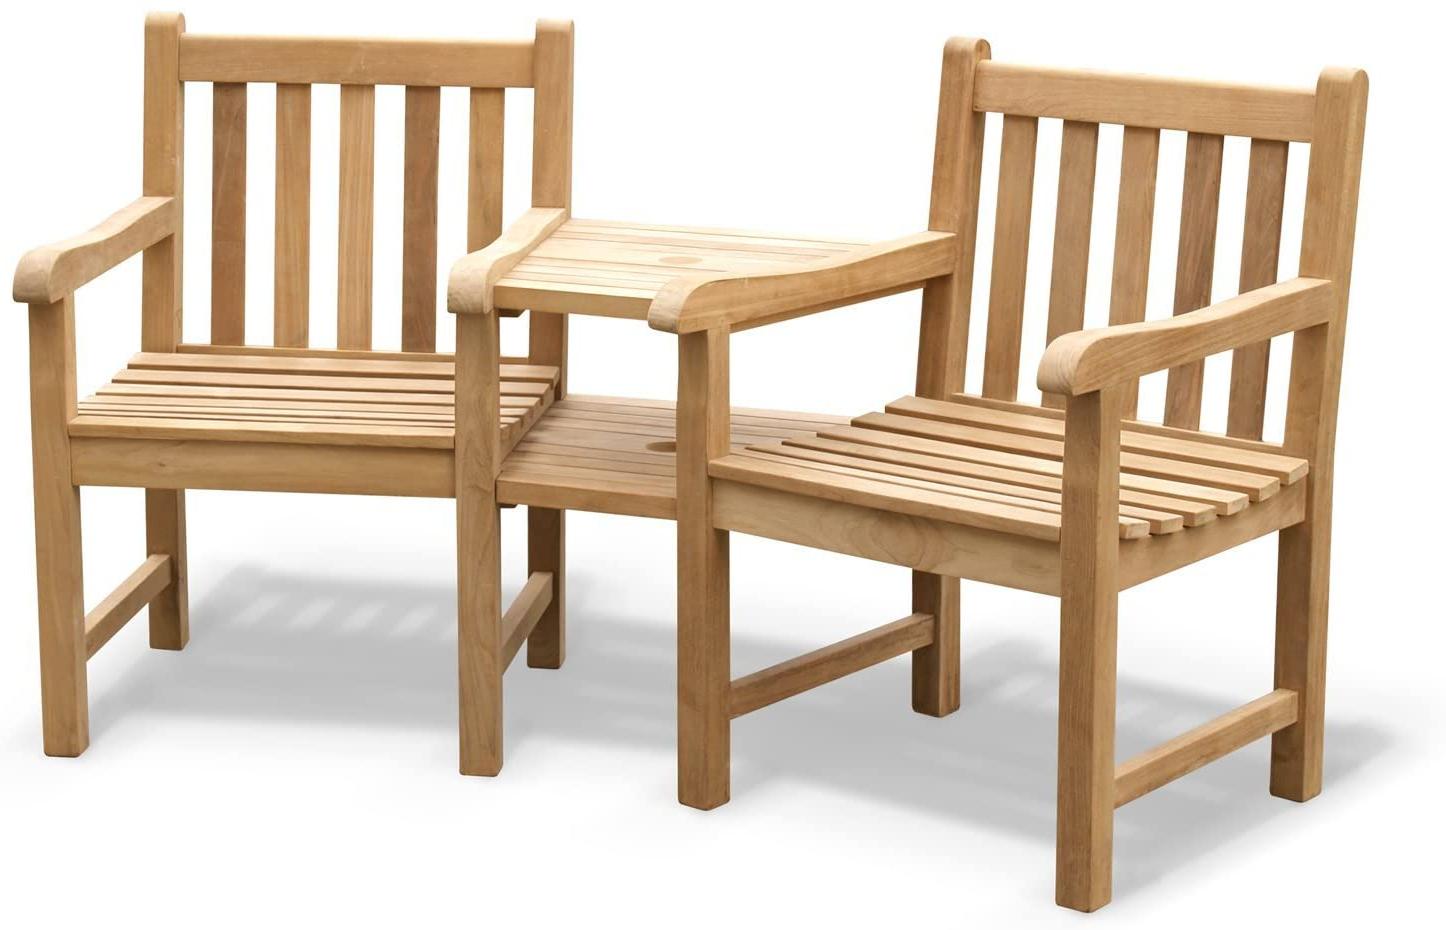 Wicker Tete A Tete Benches In Popular Jati York Teak Love Seat – Tete A Tete Companion Bench Brand (View 26 of 30)